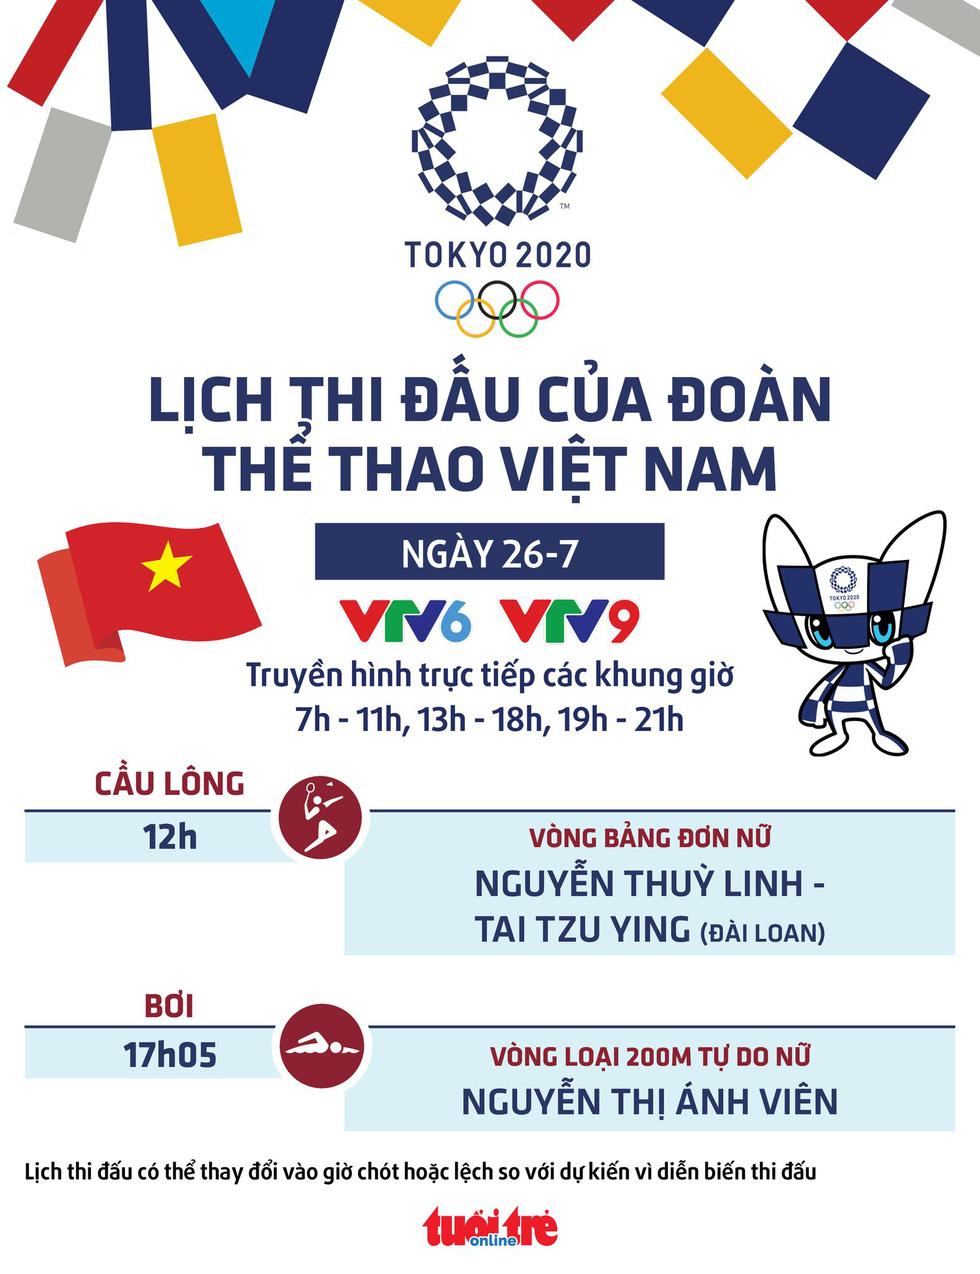 Lịch thi đấu ngày 26-7 của đoàn thể thao Việt Nam tại Olympic 2020: Ánh Viên thi đấu - Ảnh 1.